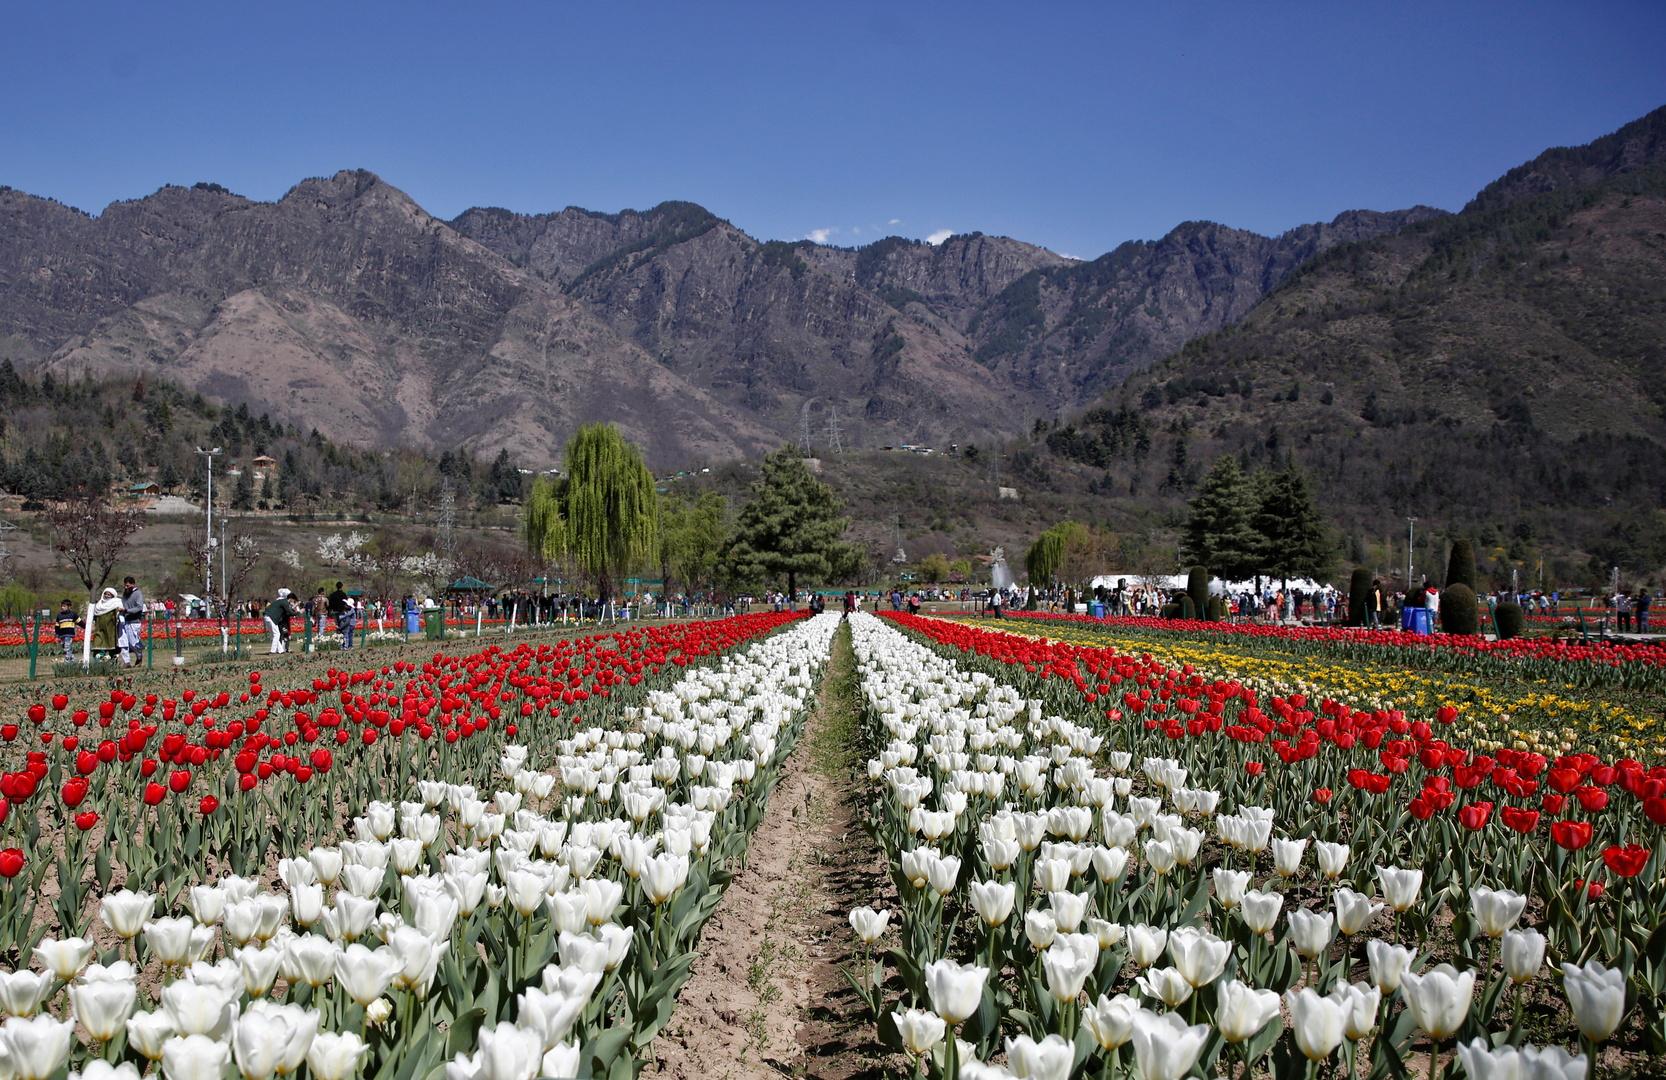 حديقة خزامى على سفوح سلسلة جبال زابروان في مدينة سريناغار في كشمير.